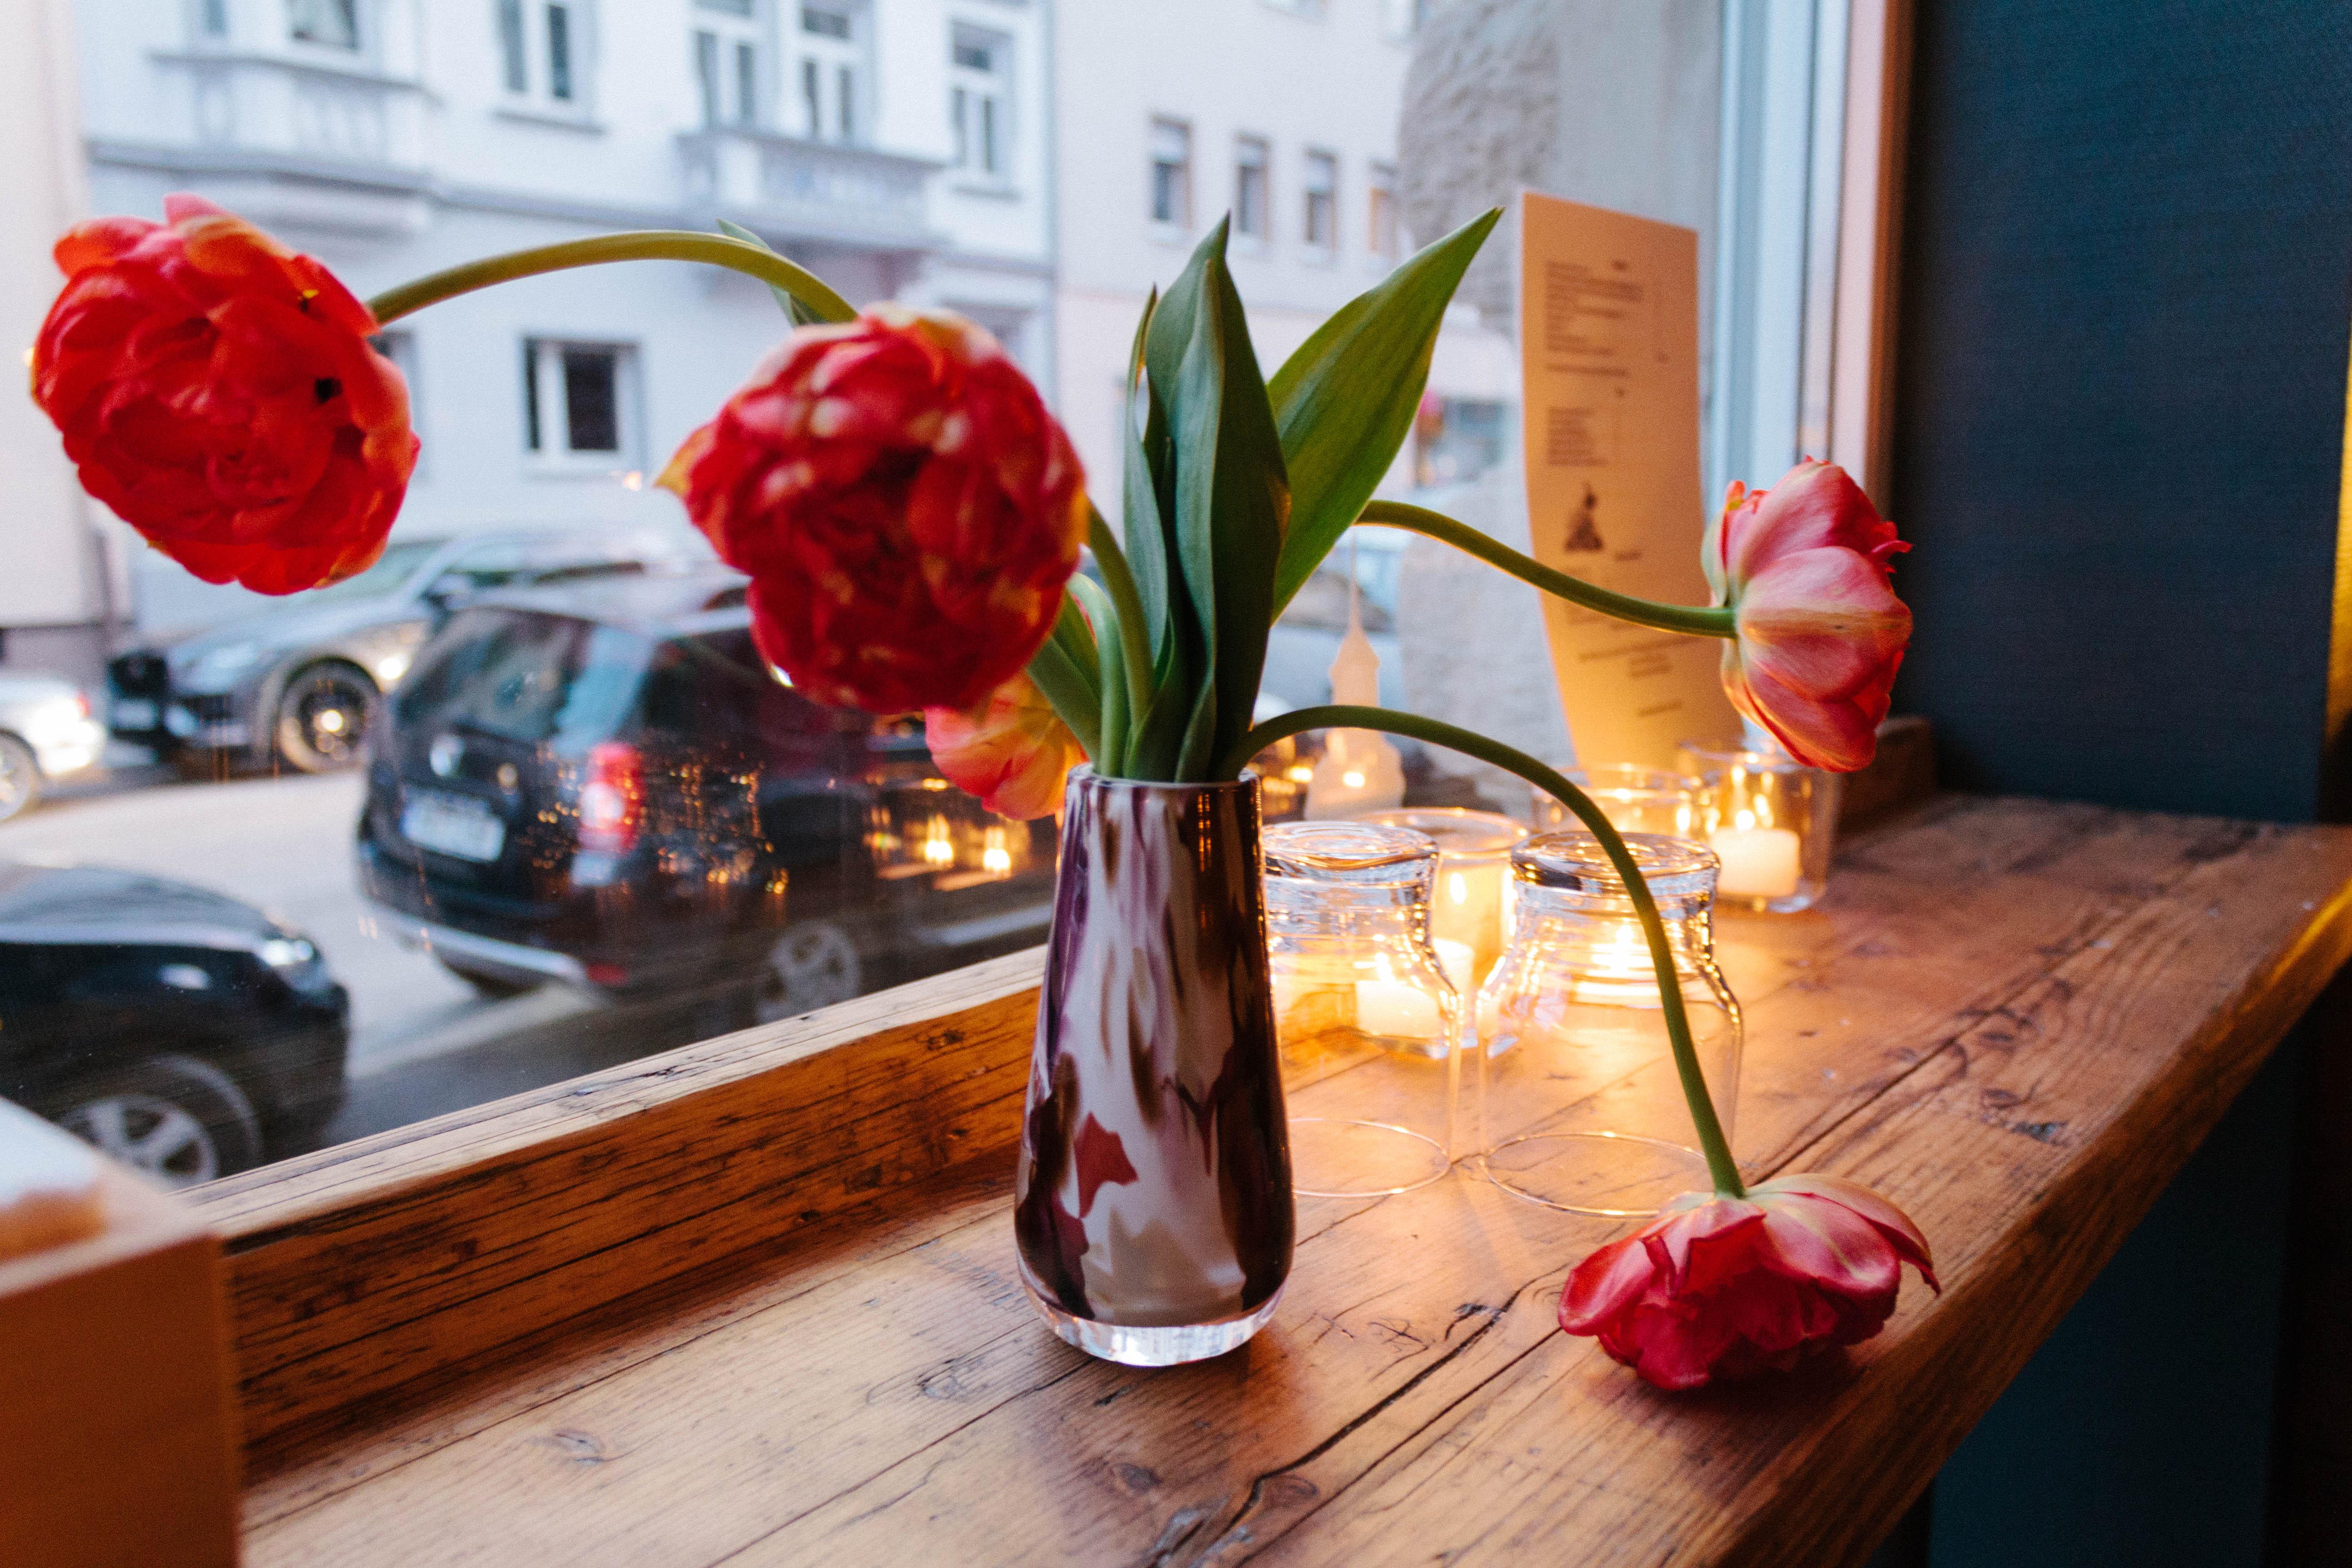 Tulpen in einer Muranoglasvase stehen auf einer Fensterbank aus grobem Holz